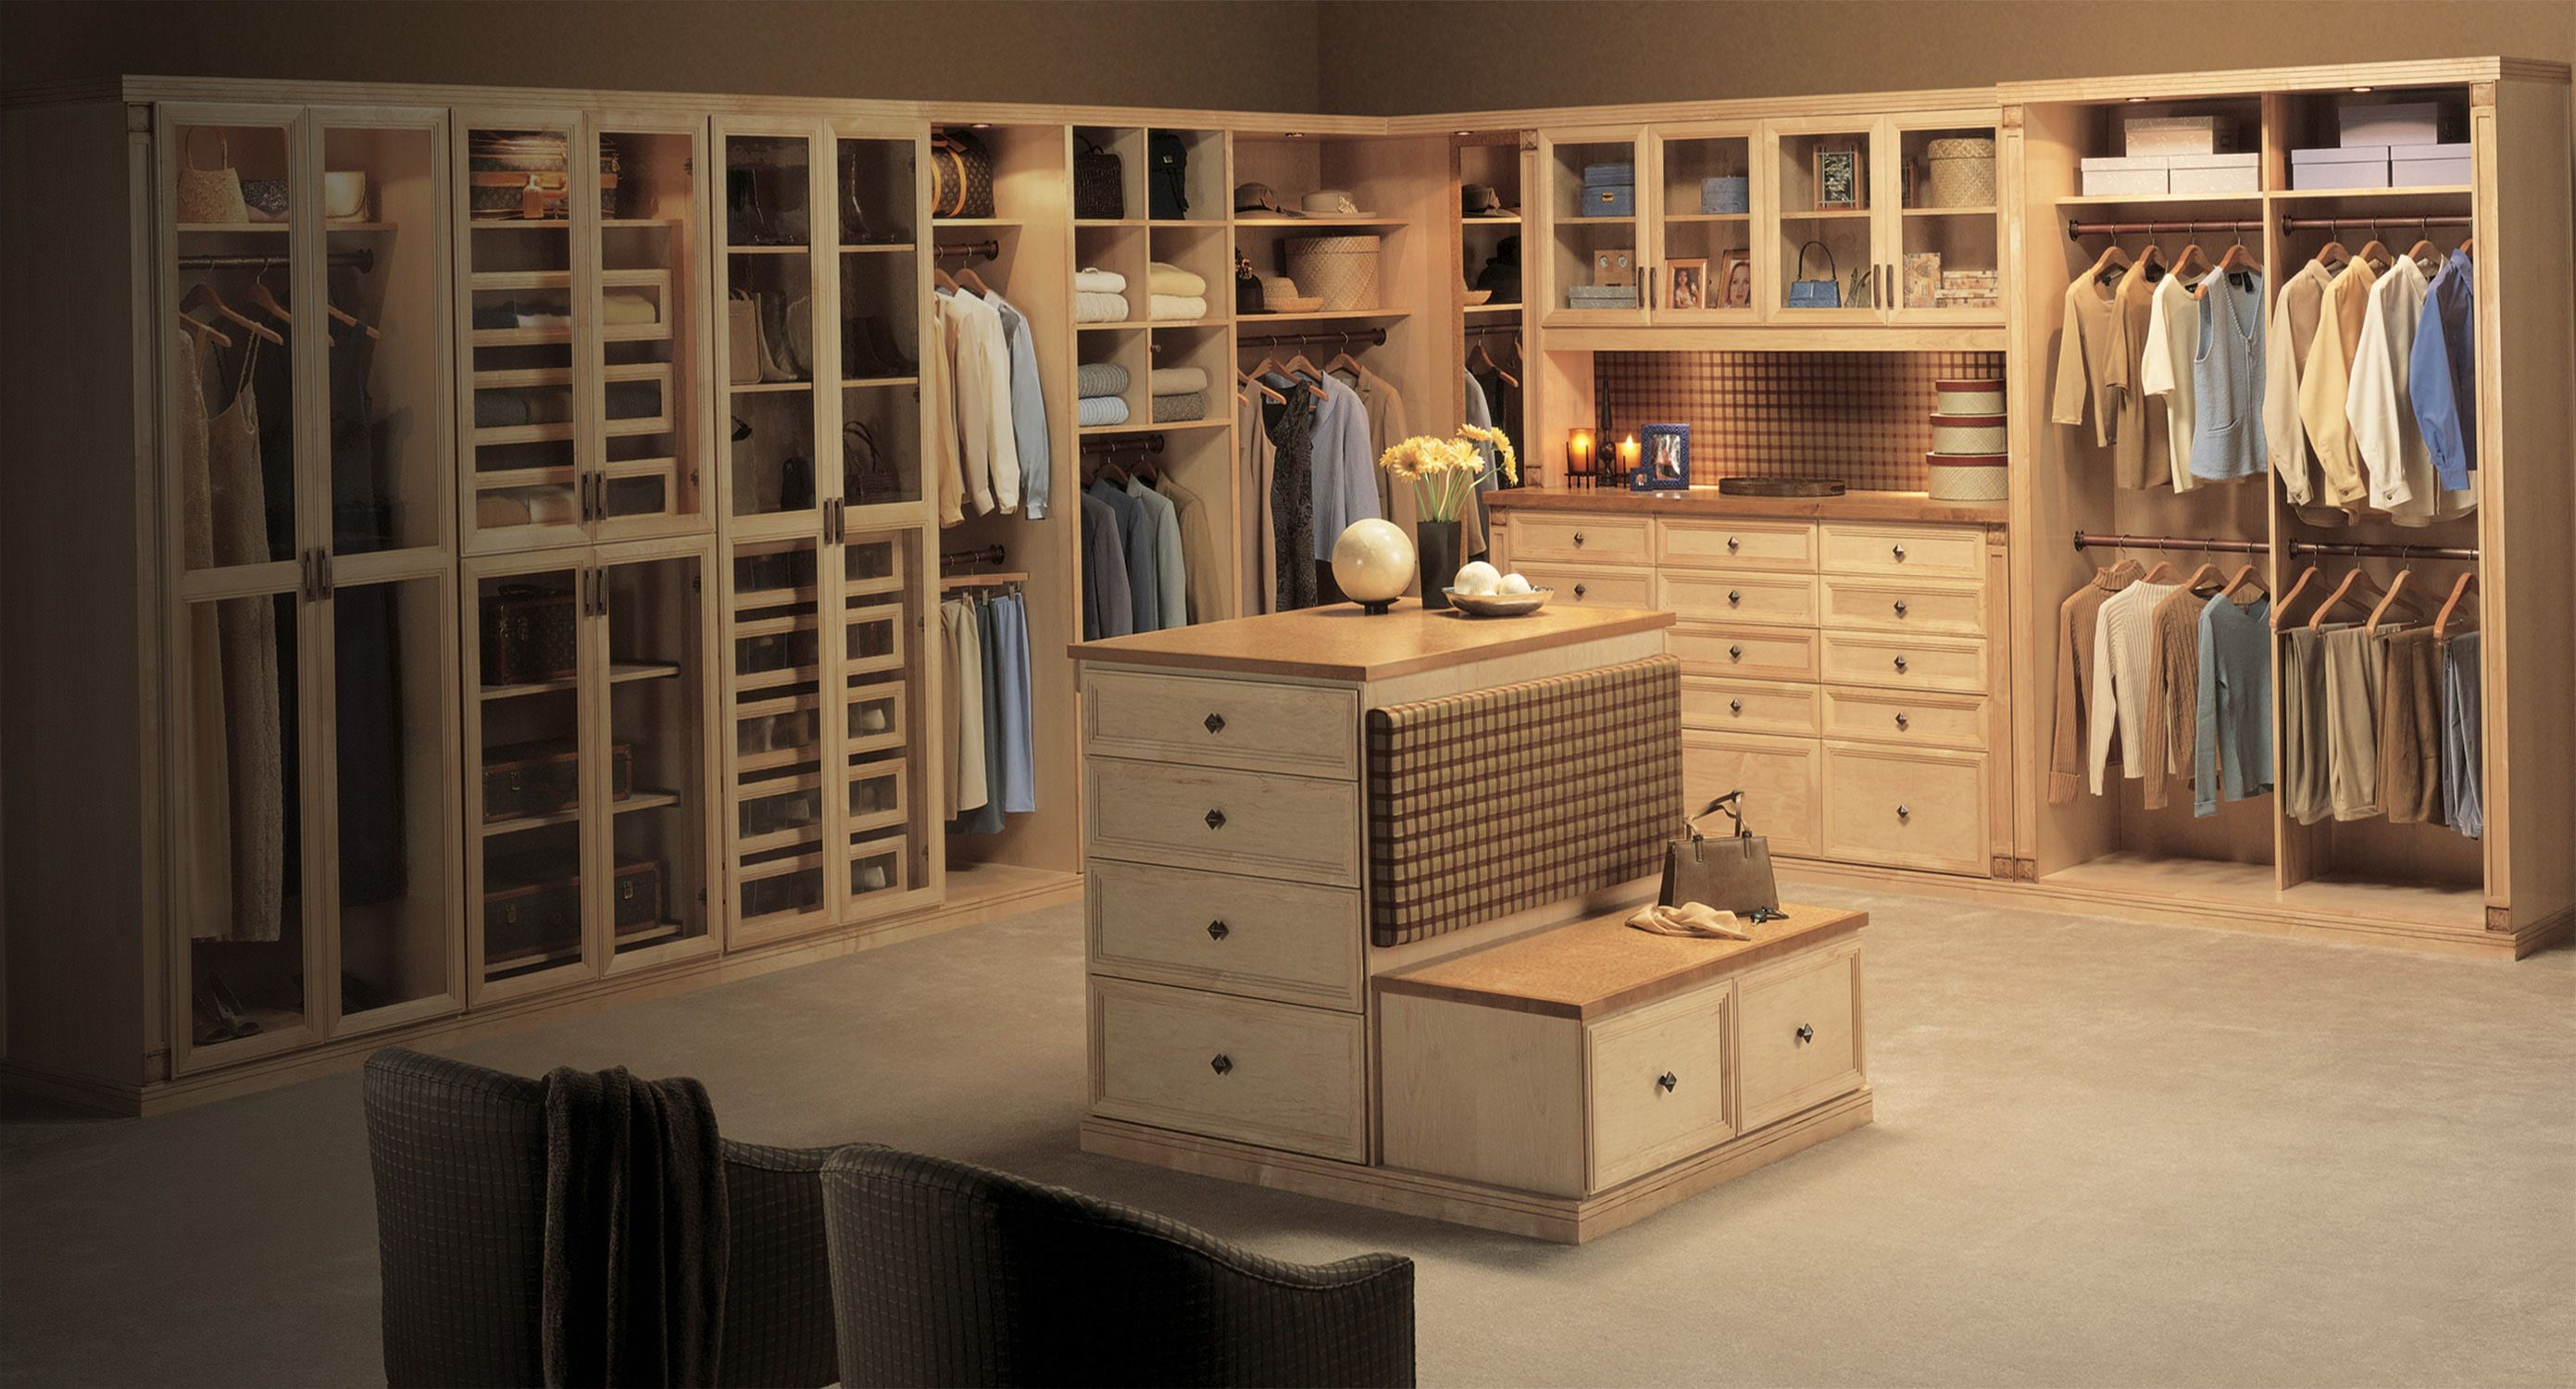 Muebles Empotrados ~ Obtenga ideas Diseño de muebles para su hogar ...